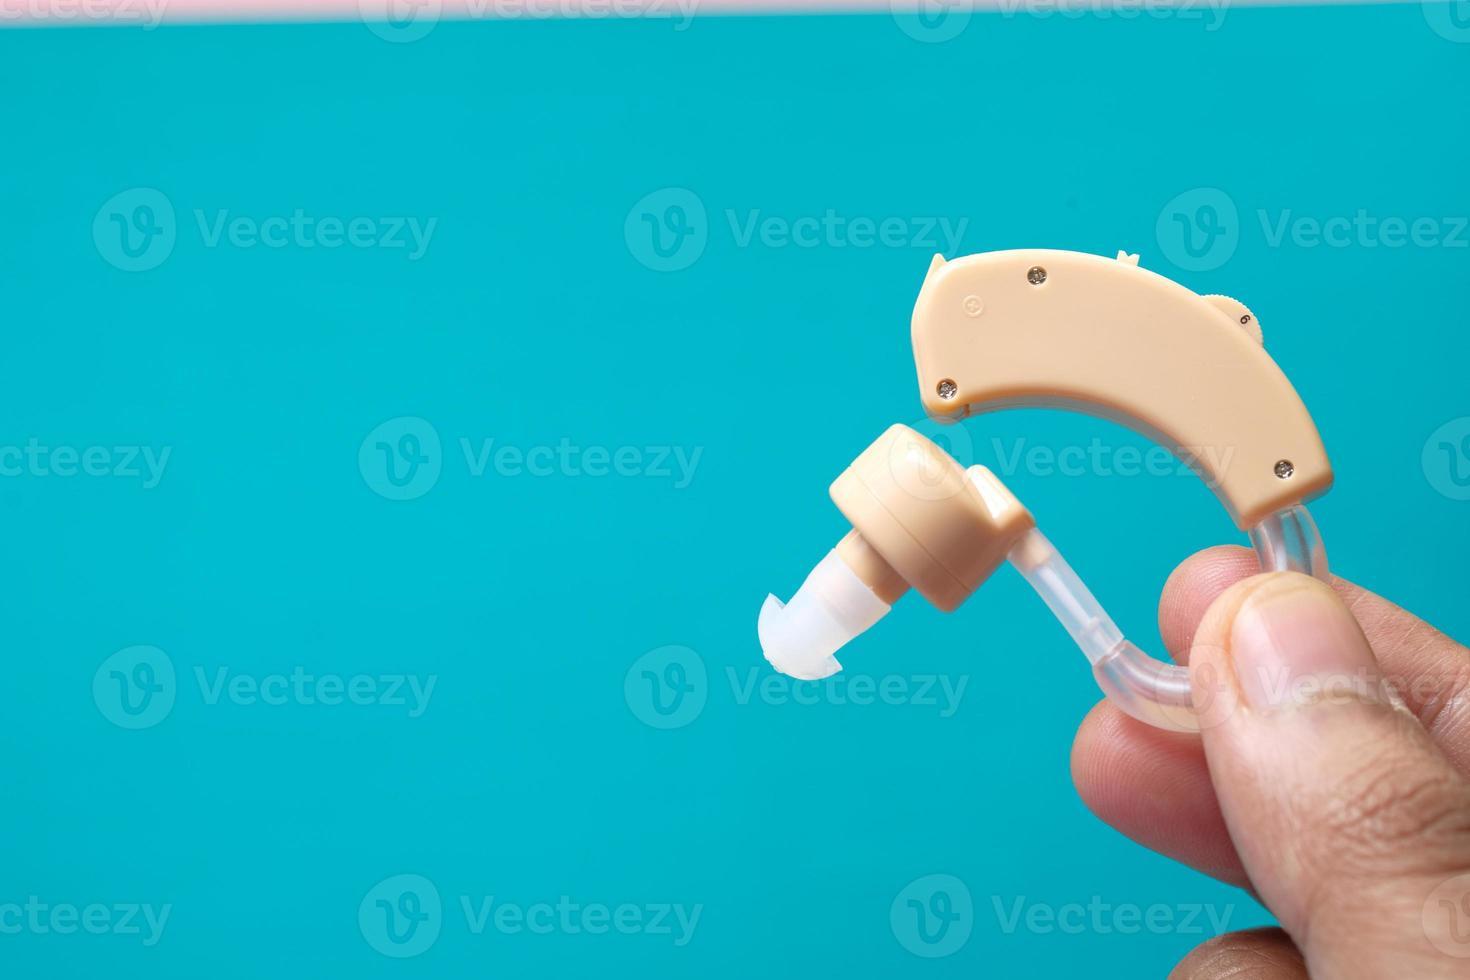 gehoorapparaat op blauwe achtergrond foto